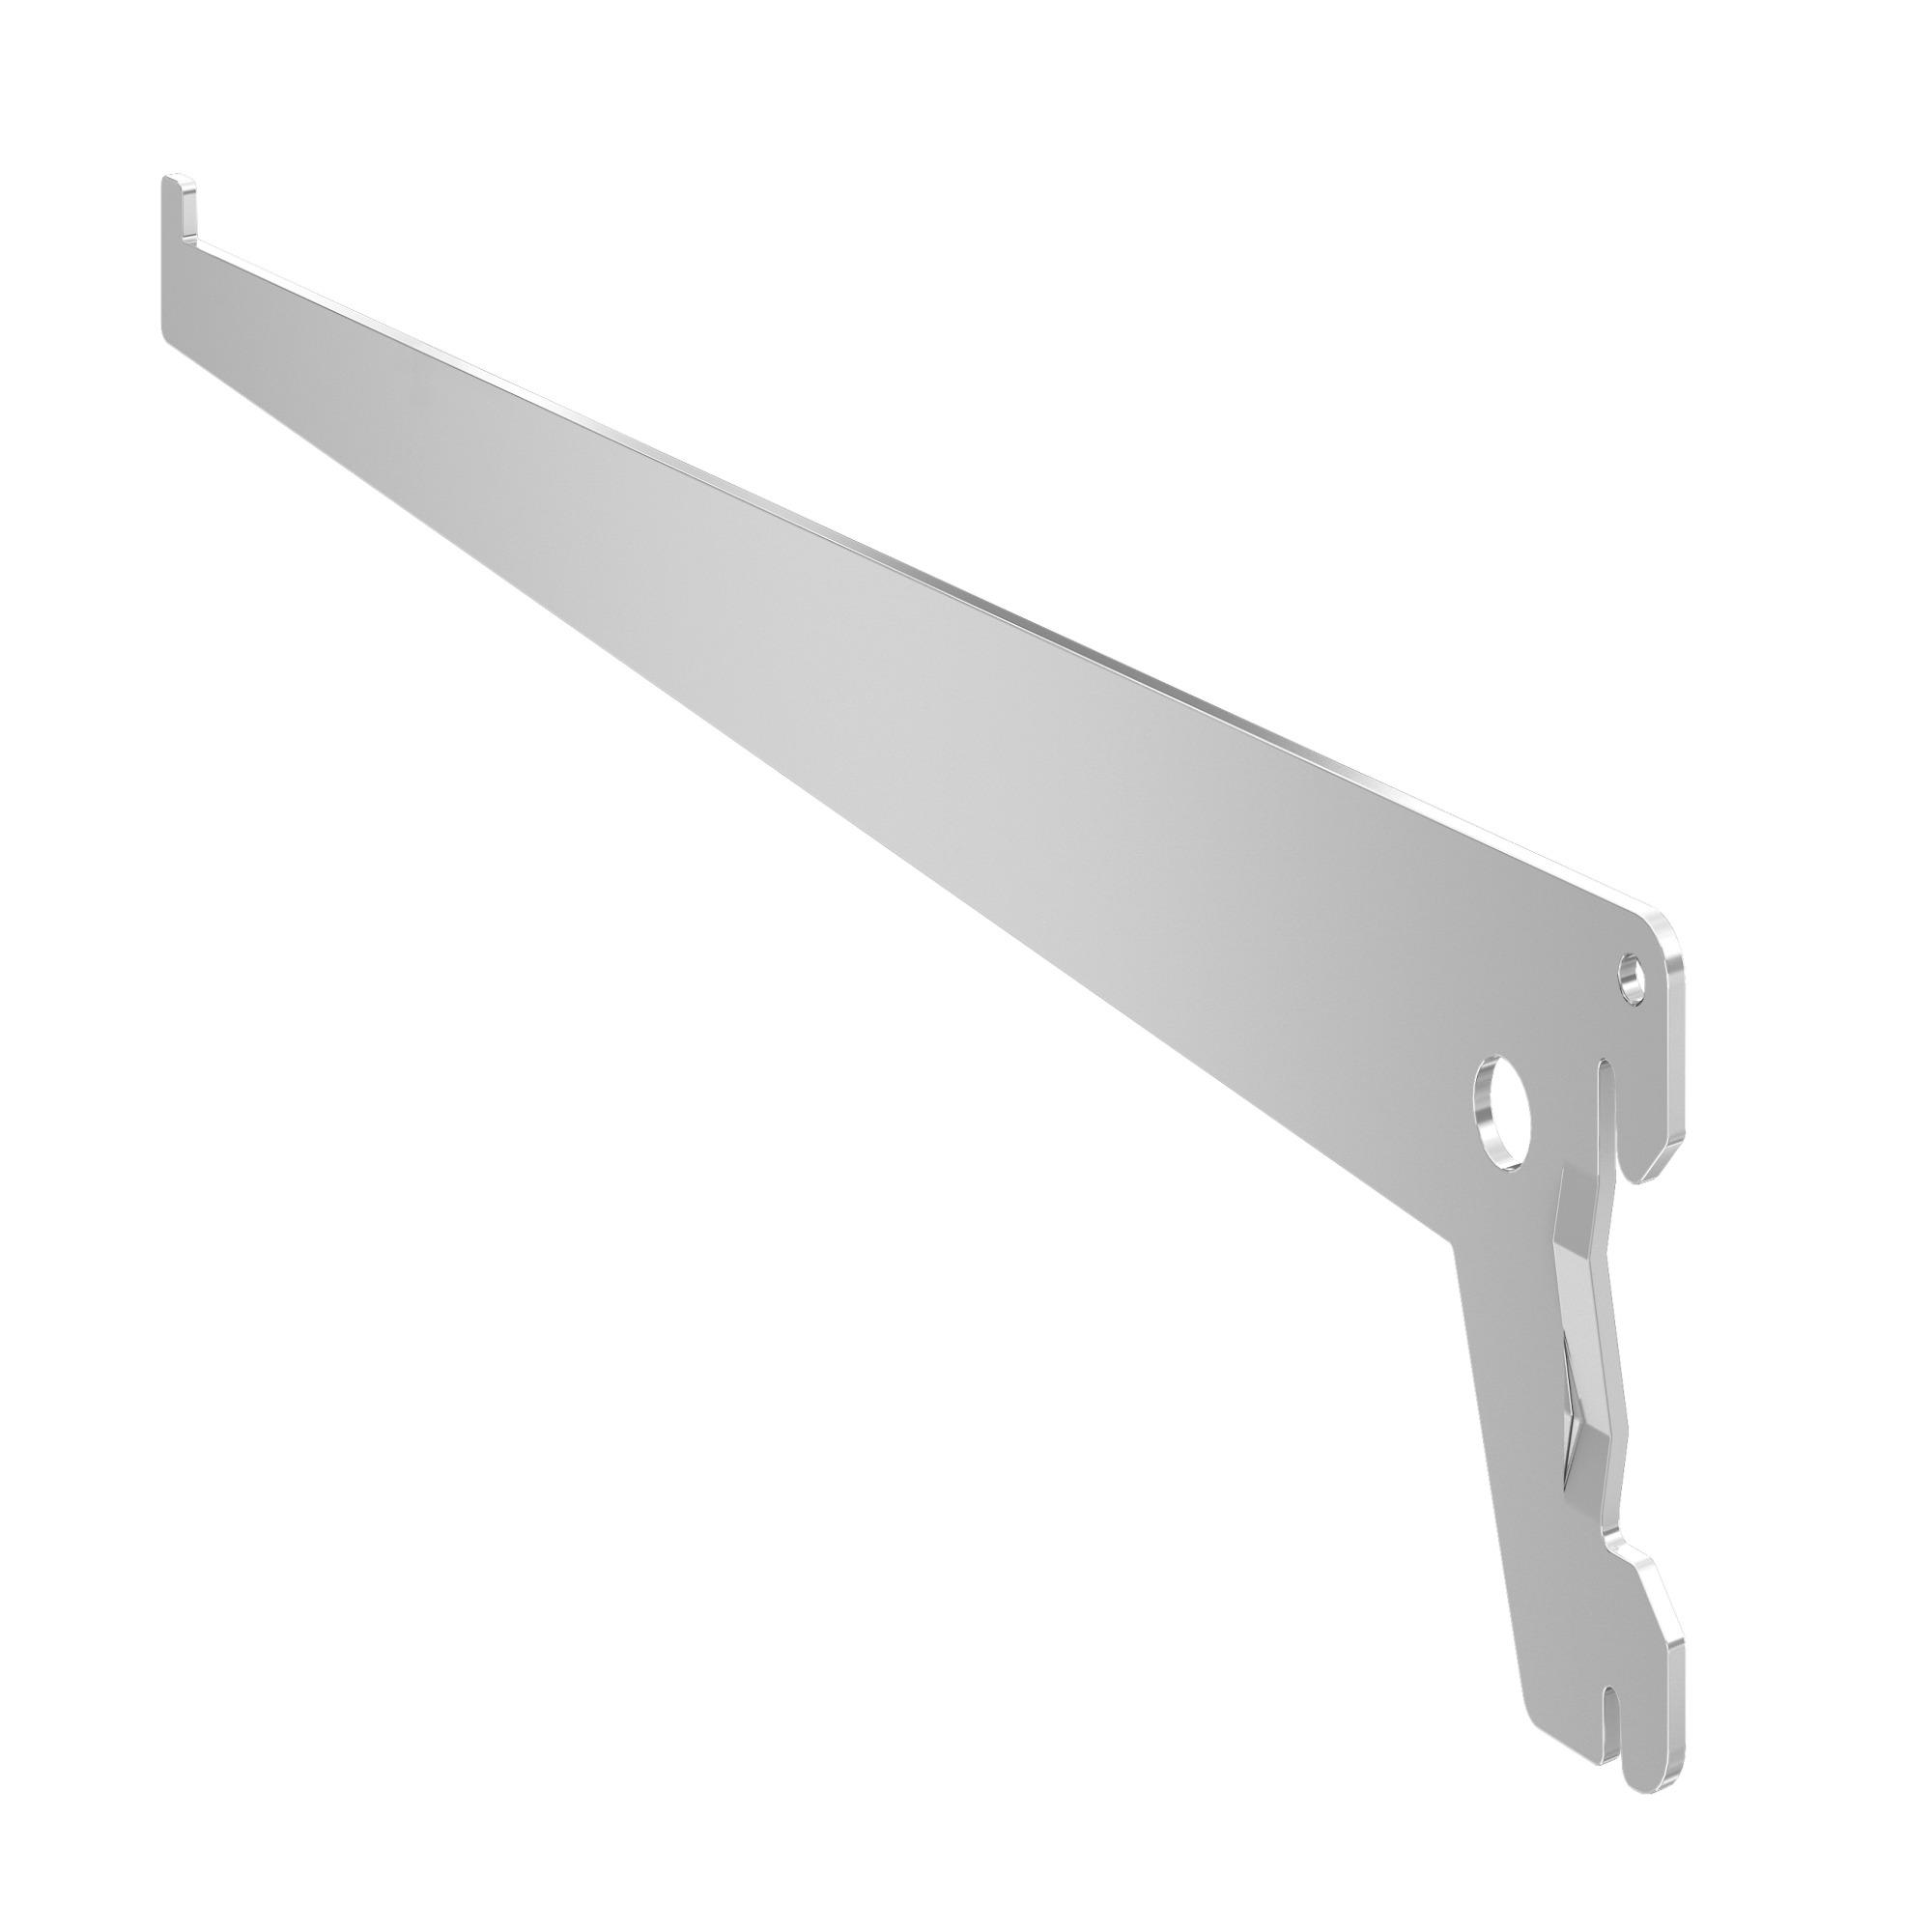 Suporte para Trilho Meia-Cana 40 cm Zincado - Fico